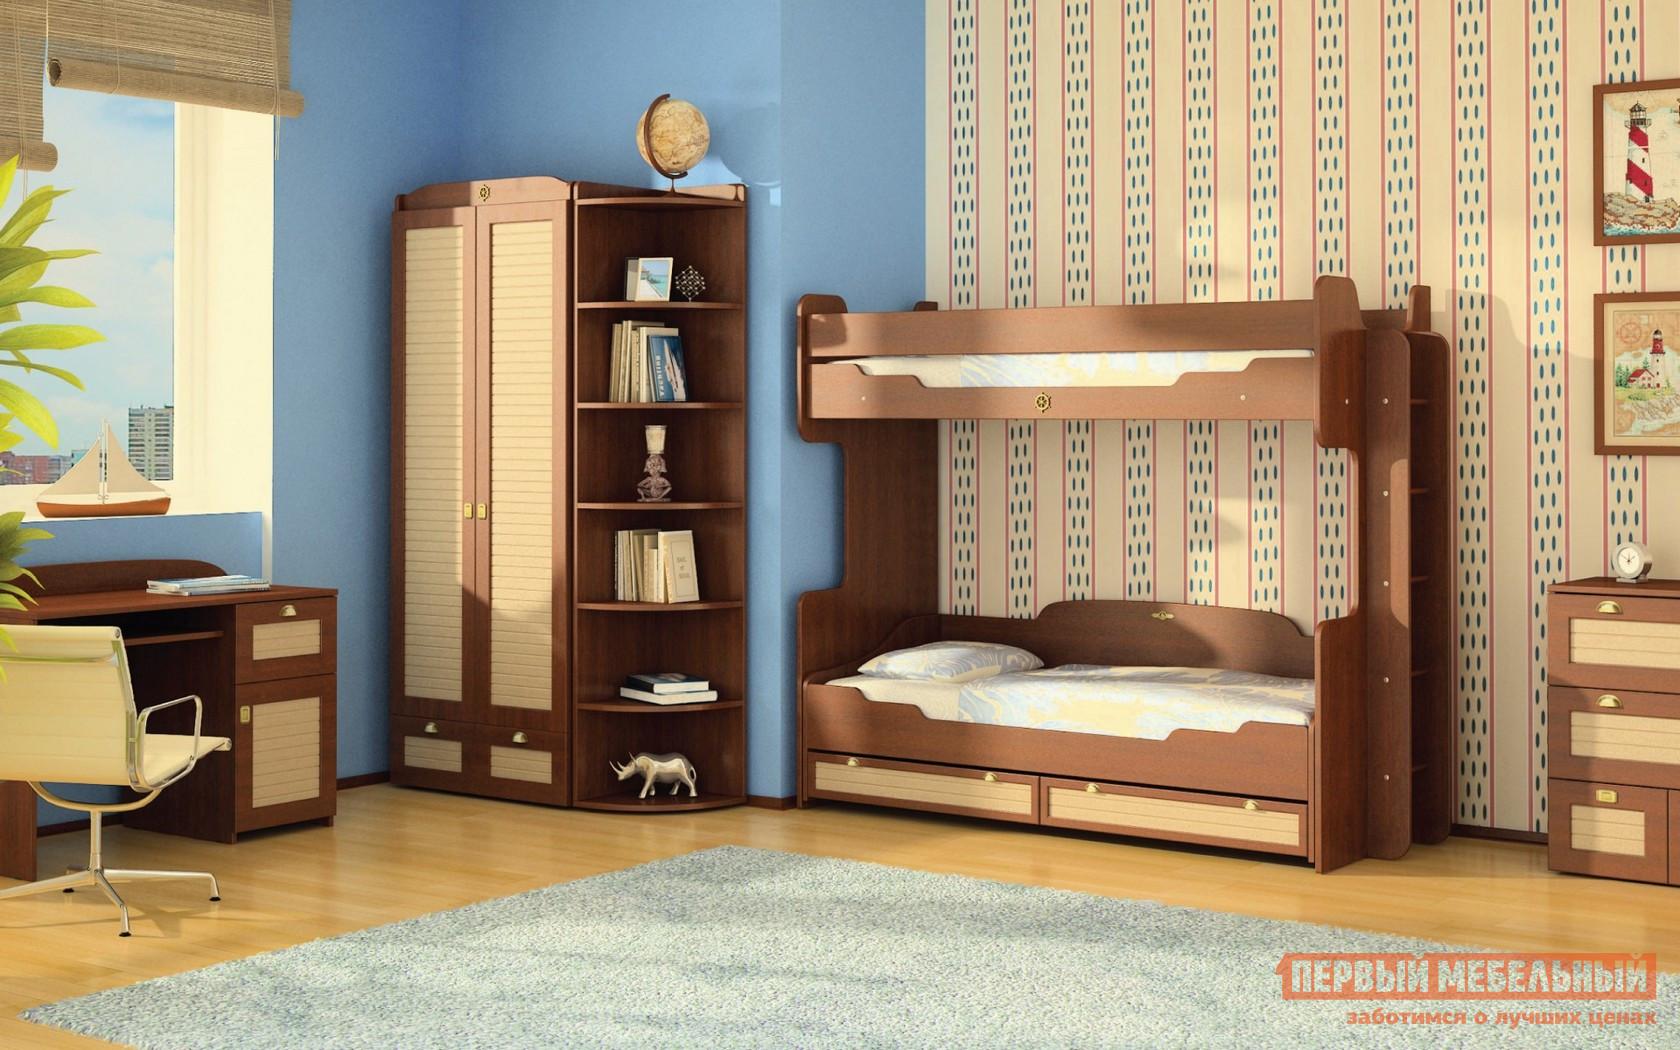 Комплект детской мебели ТД Арника Робинзон К1 комплект детской мебели трия навигатор к1